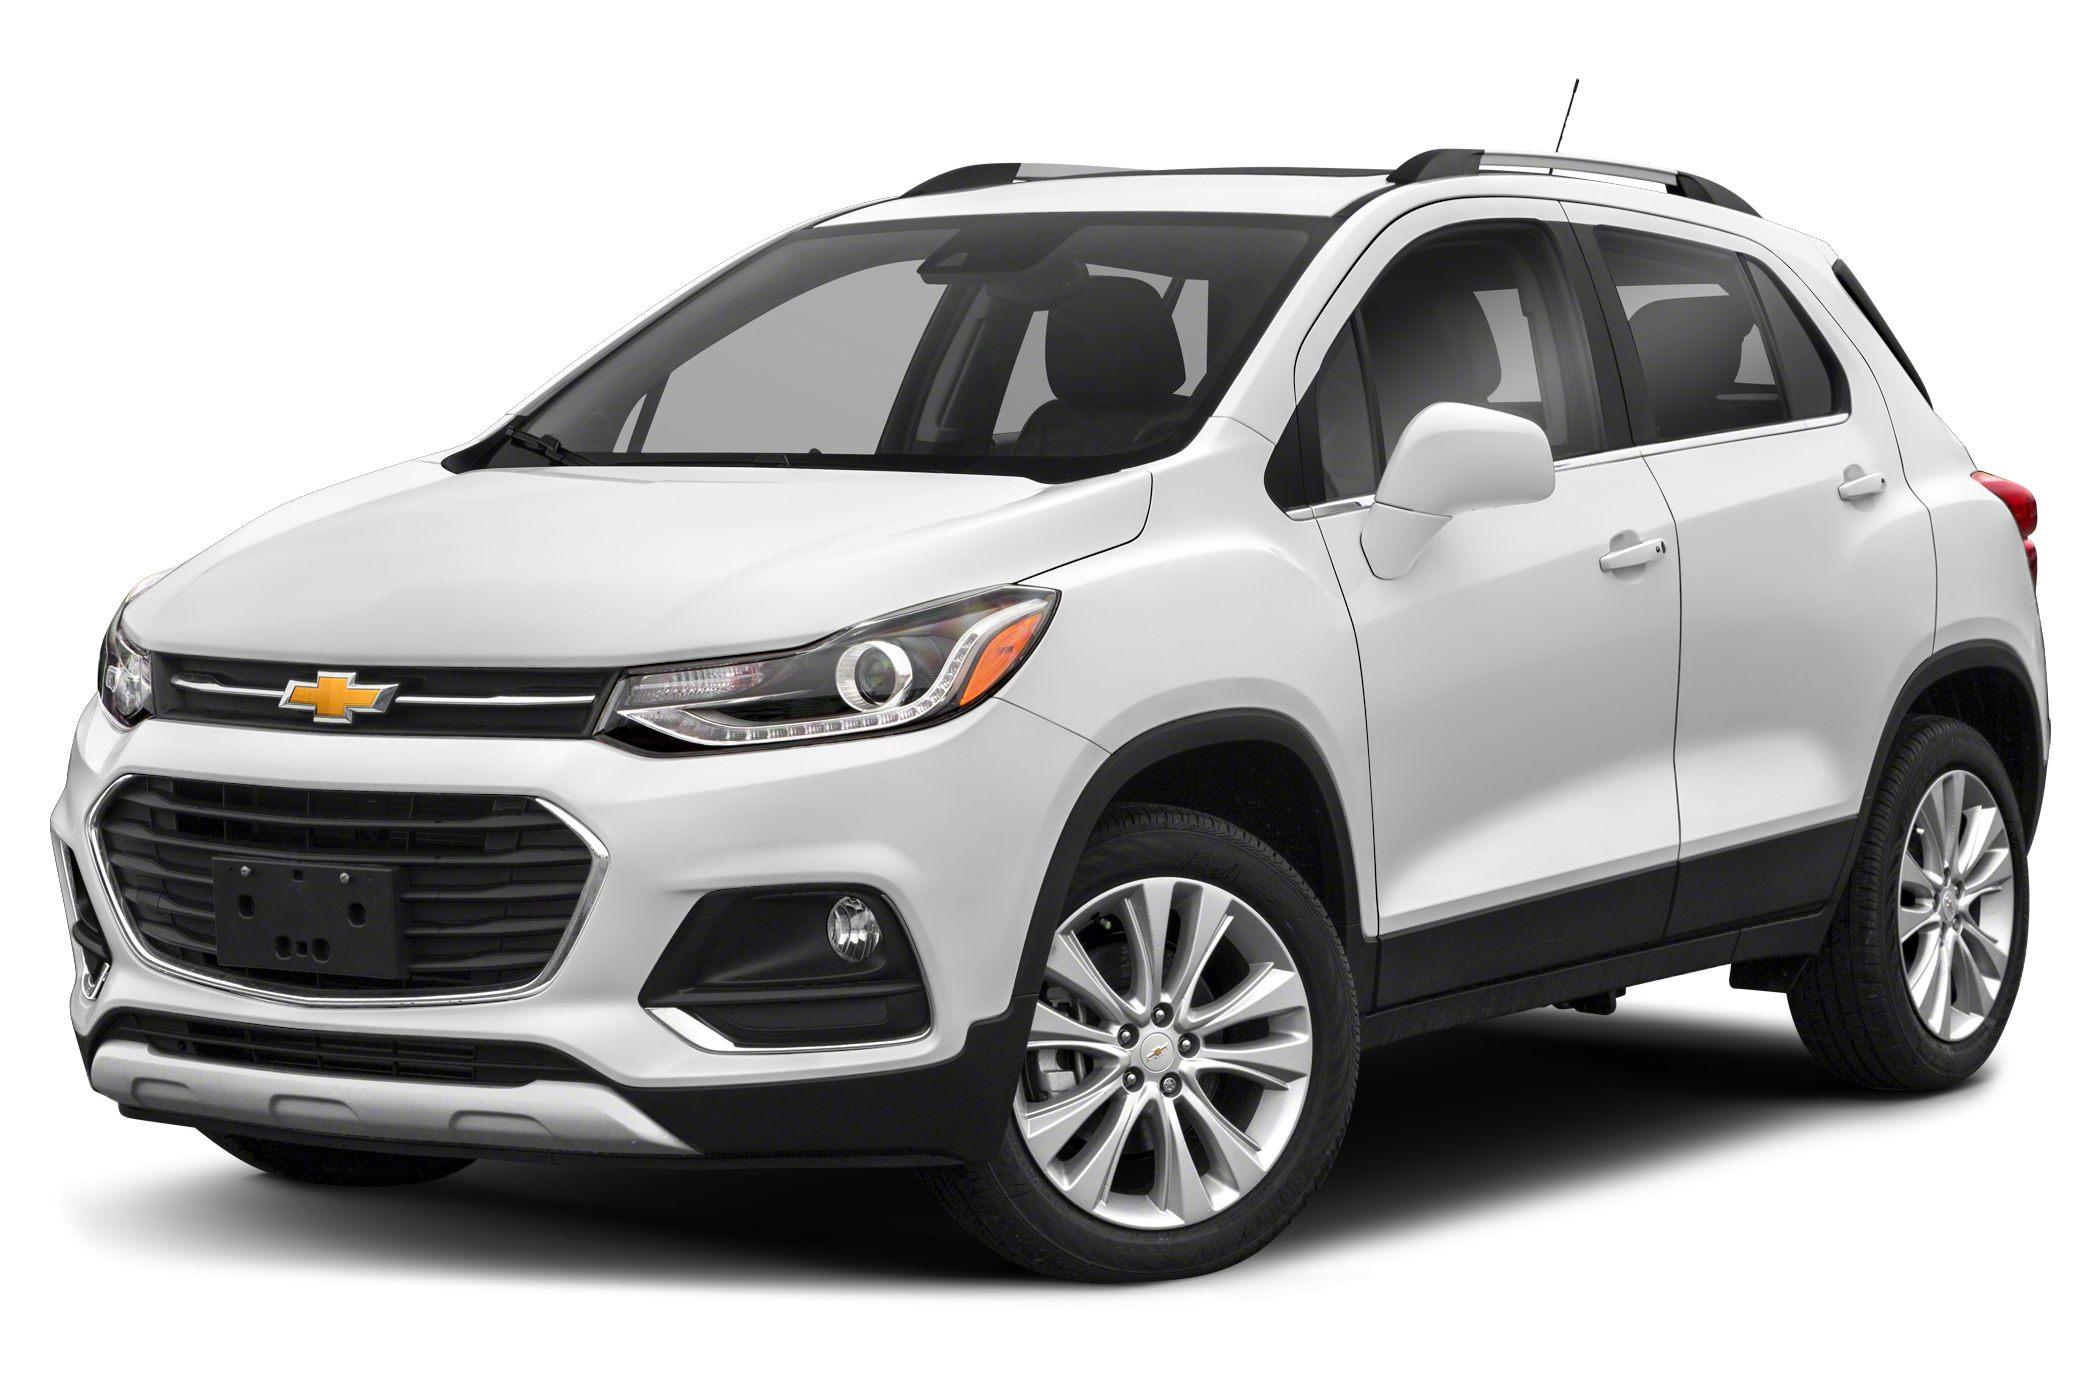 Alquiler de Chevrolet Tracker